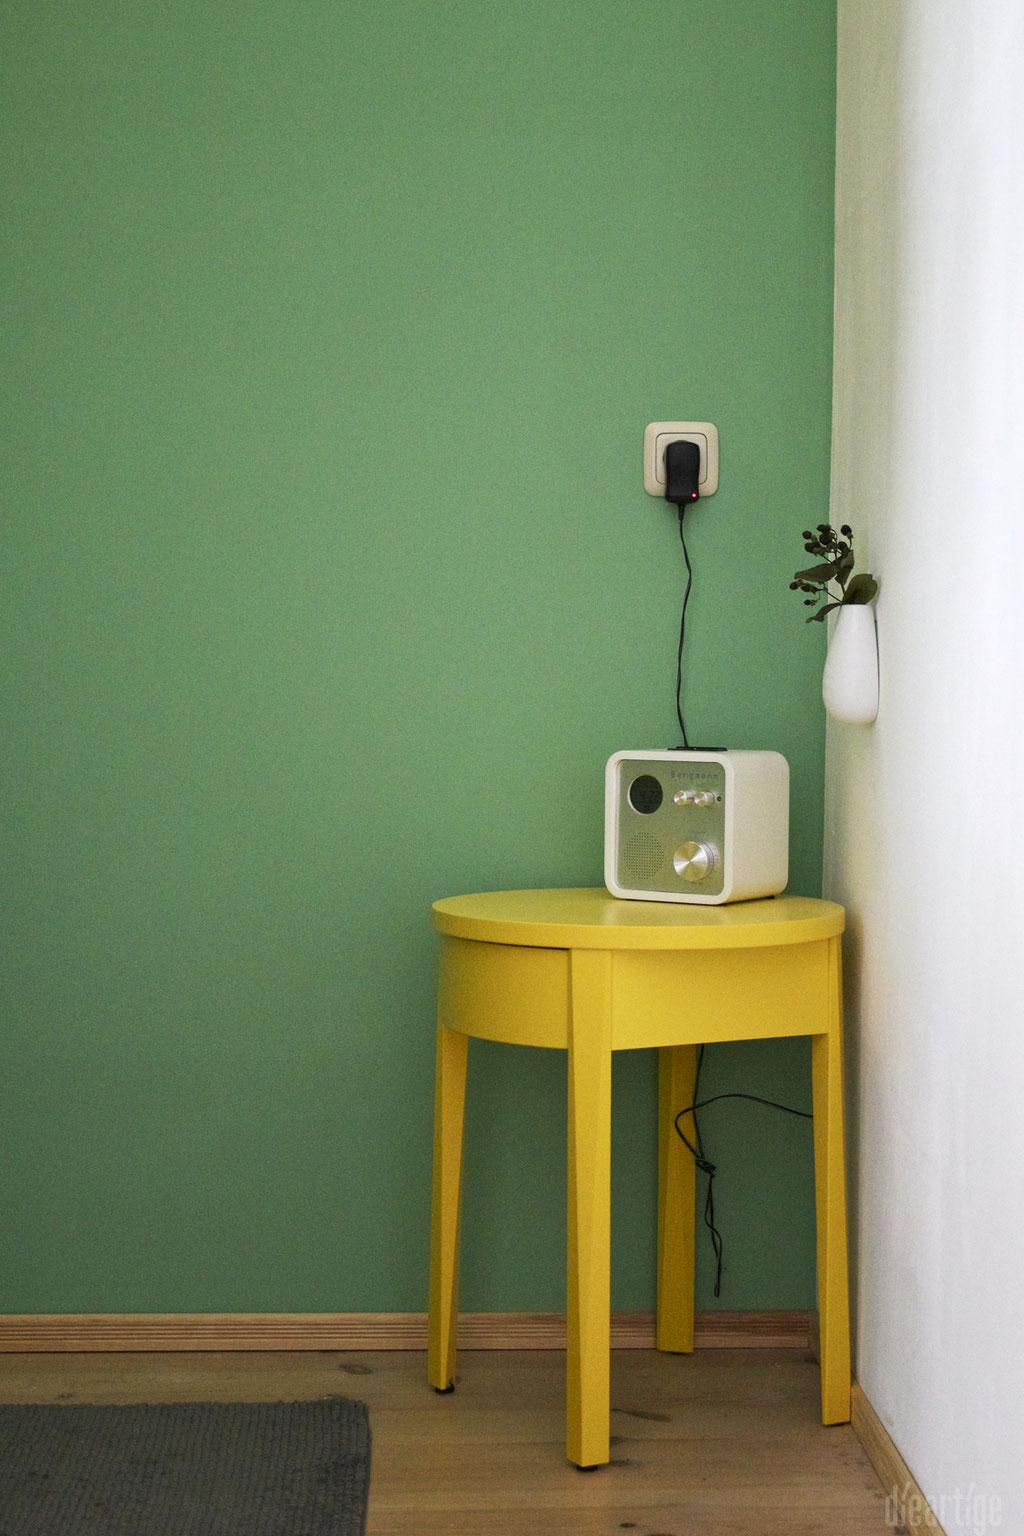 dieartigeUMBAU - Familie F. // Badezimmer // WC-Nische // Grün, Gelb, Weiß